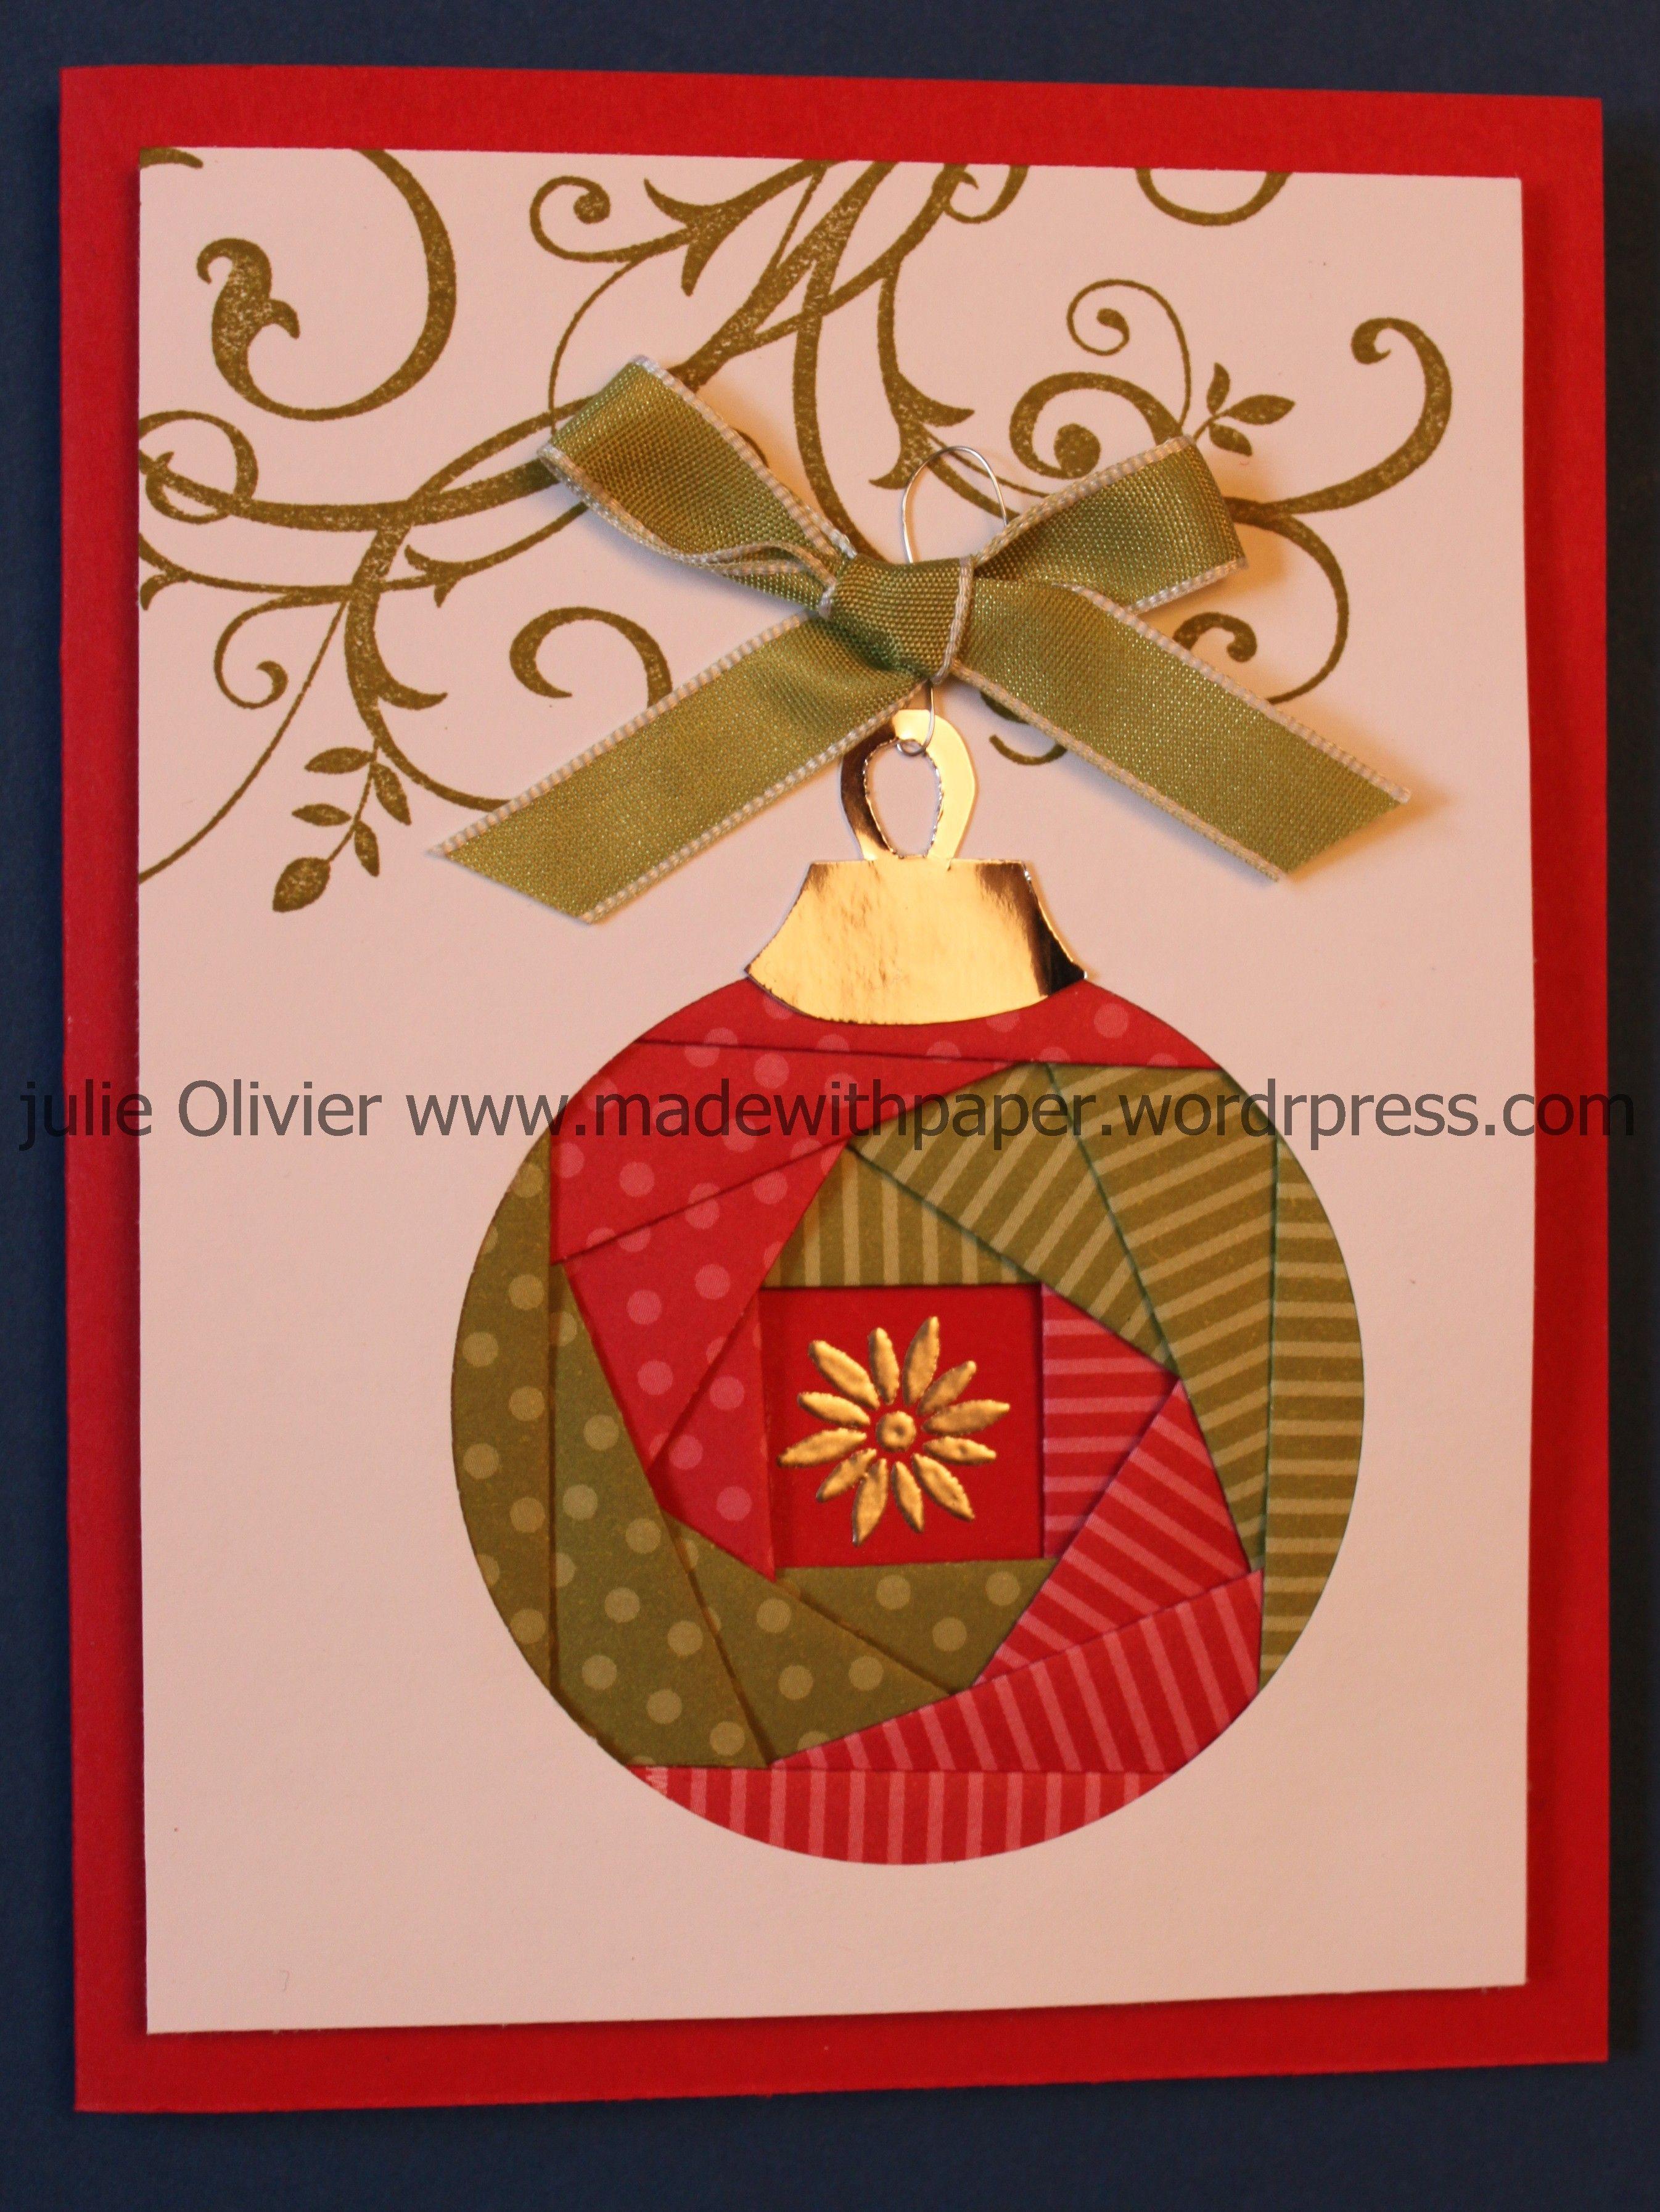 Iris Folding: Christmas Ornament | Cards - Iris Folding Inside Iris Folding Christmas Cards Templates